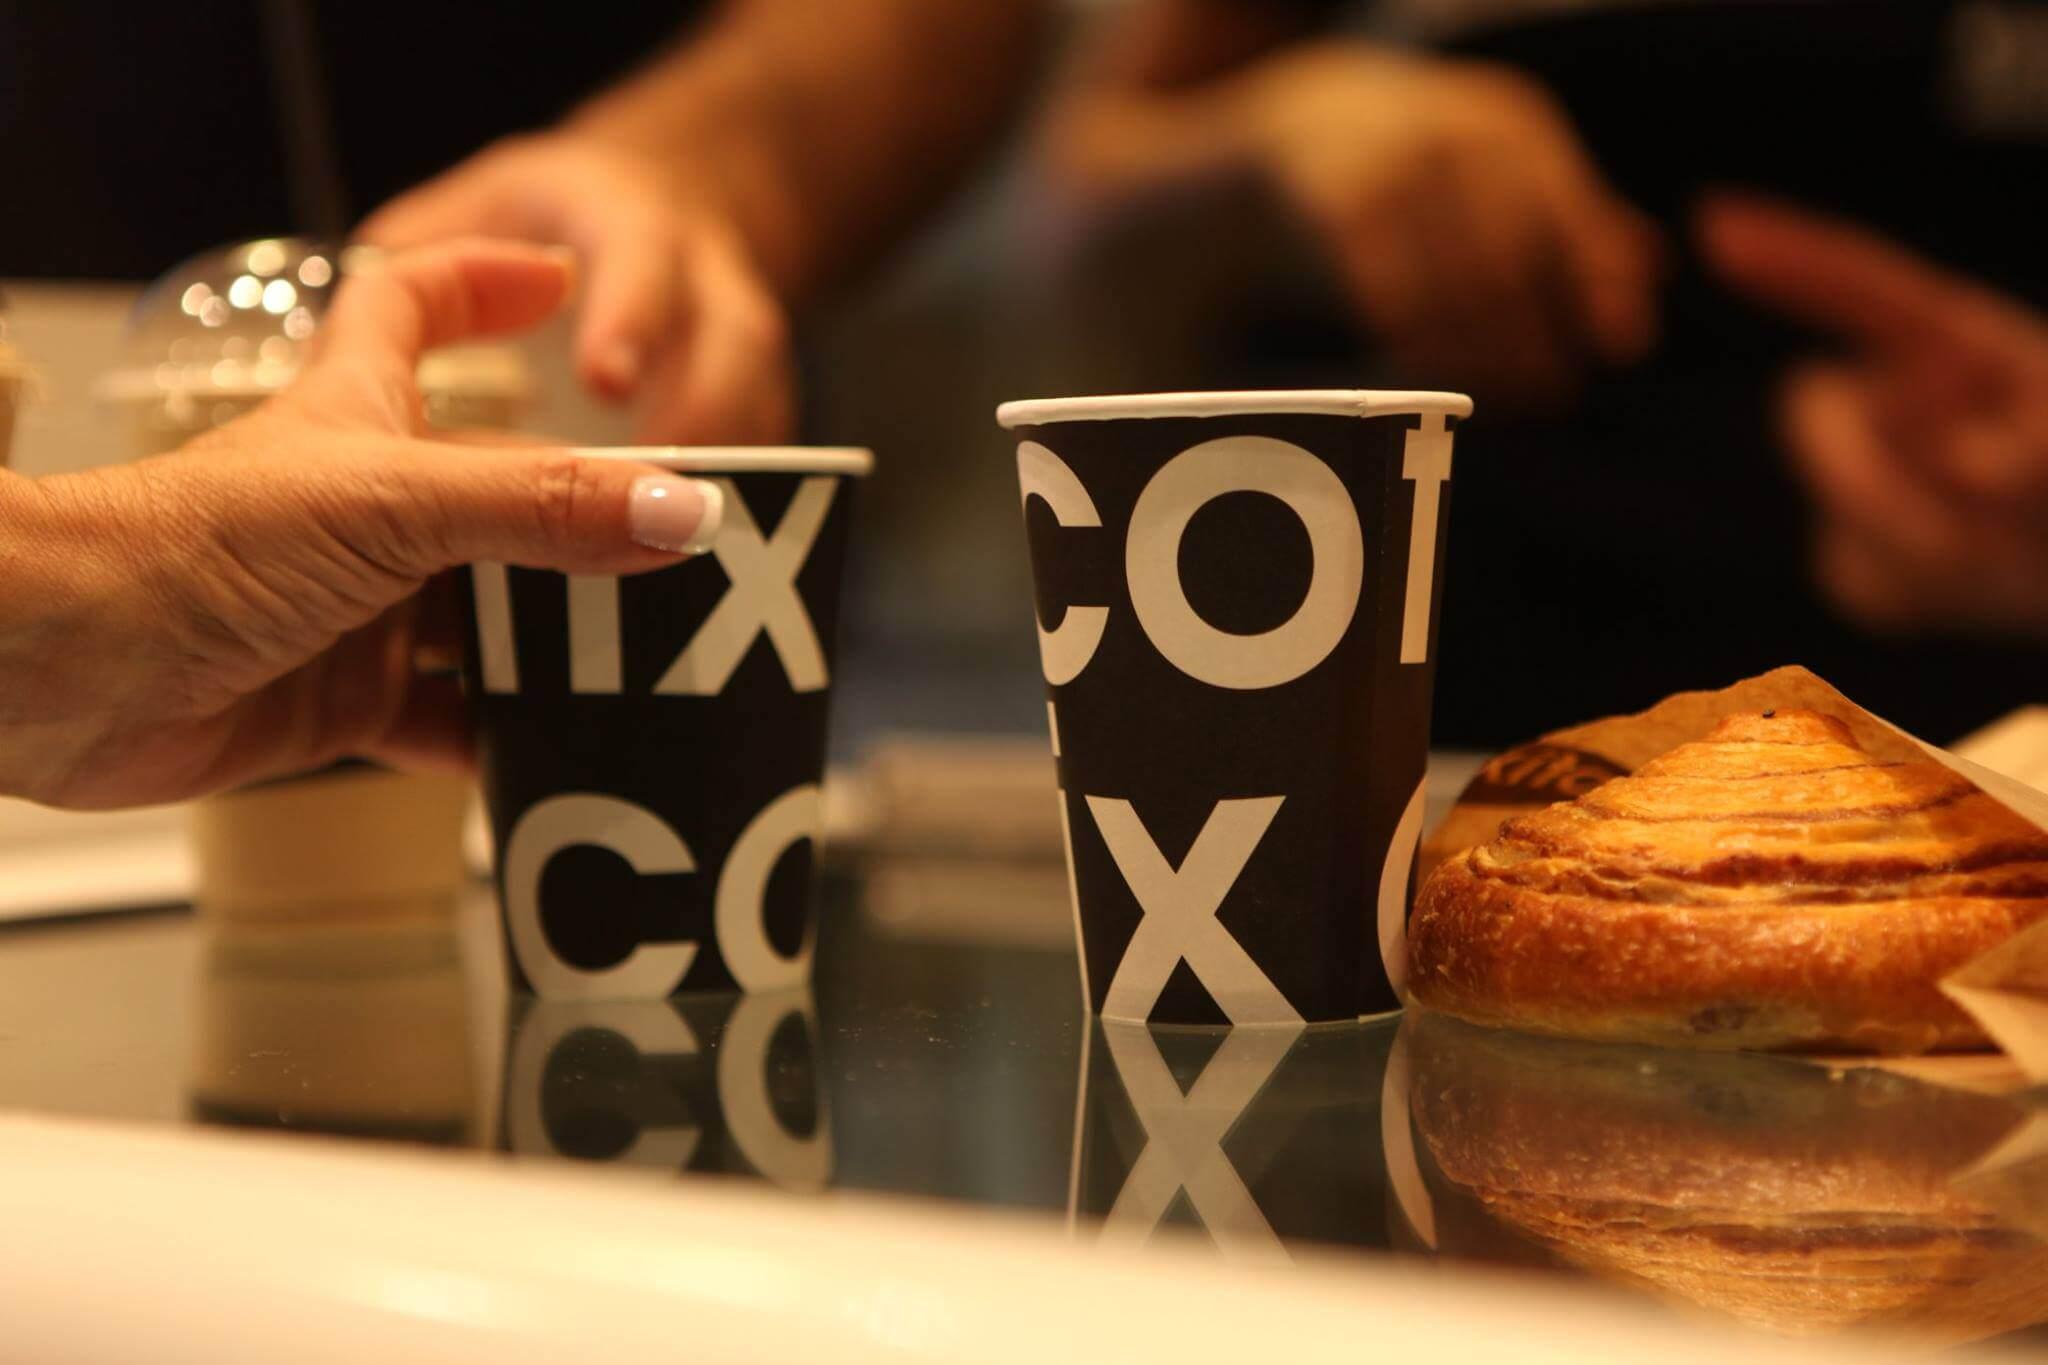 В России запустили израильскую сеть кофеен Cofix